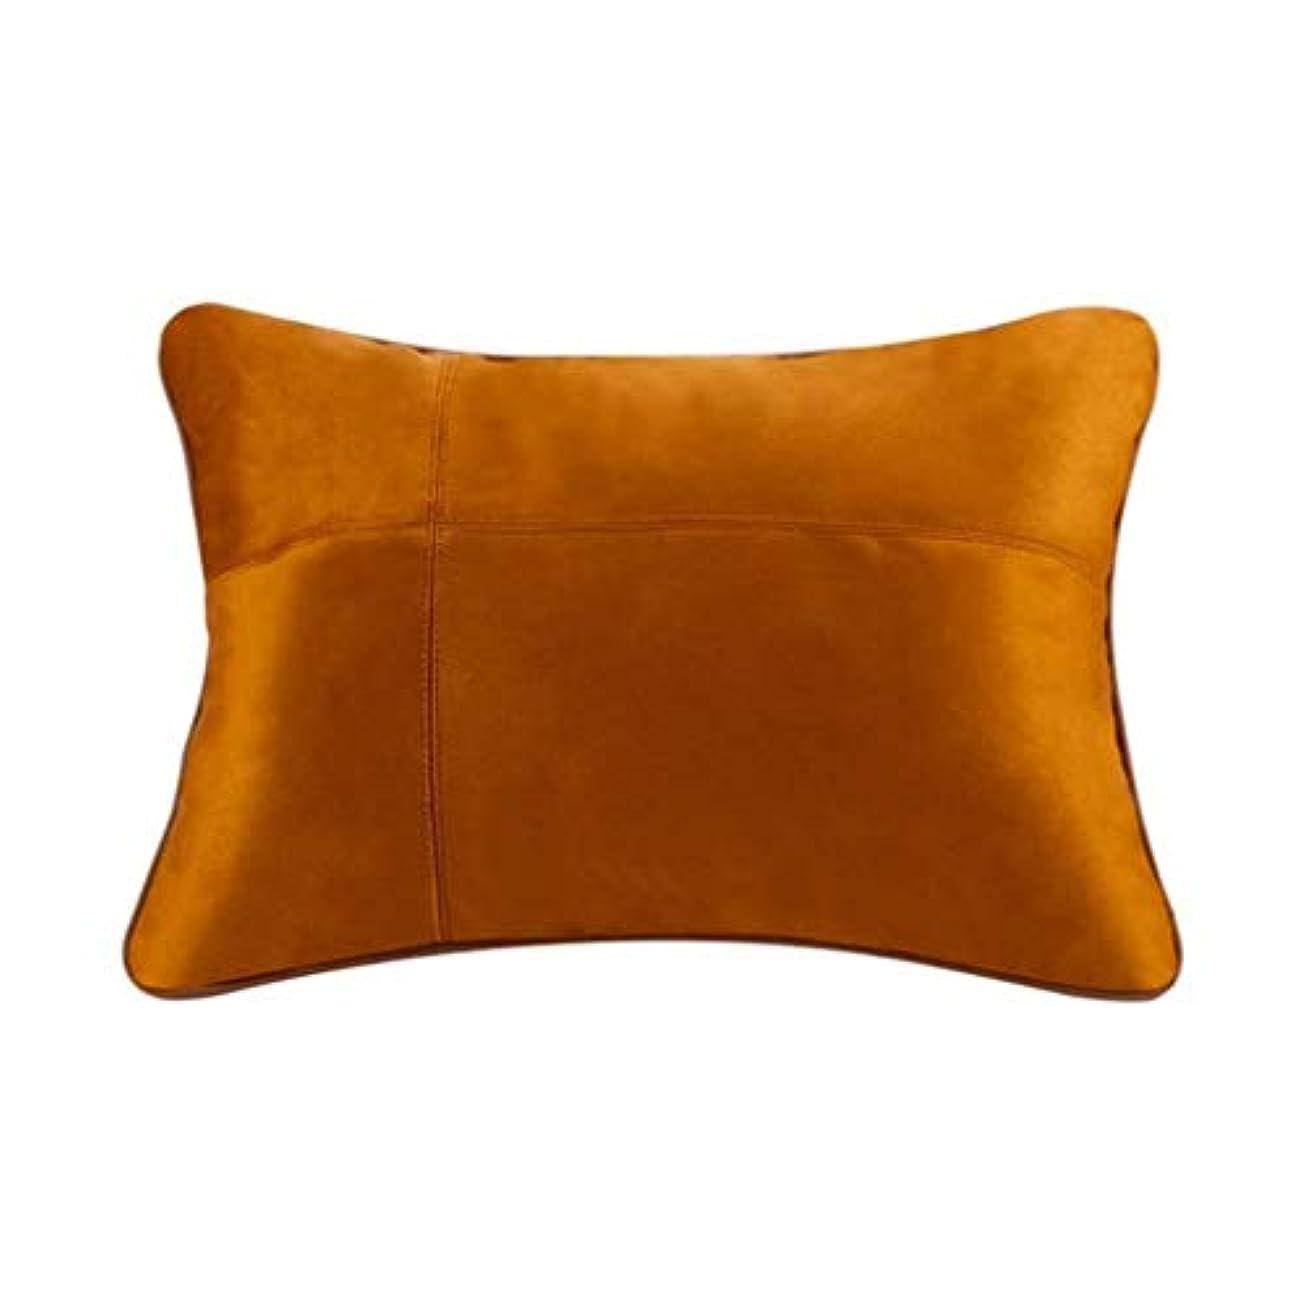 献身知らせる枕、腰部背部支持パッド、妊娠中の腰椎枕、腰用シートクッション、姿勢ブレース、腰痛を和らげる、低反発腰椎背もたれ枕、オフィスカーチェア、車の室内装飾 (Color : Brown)